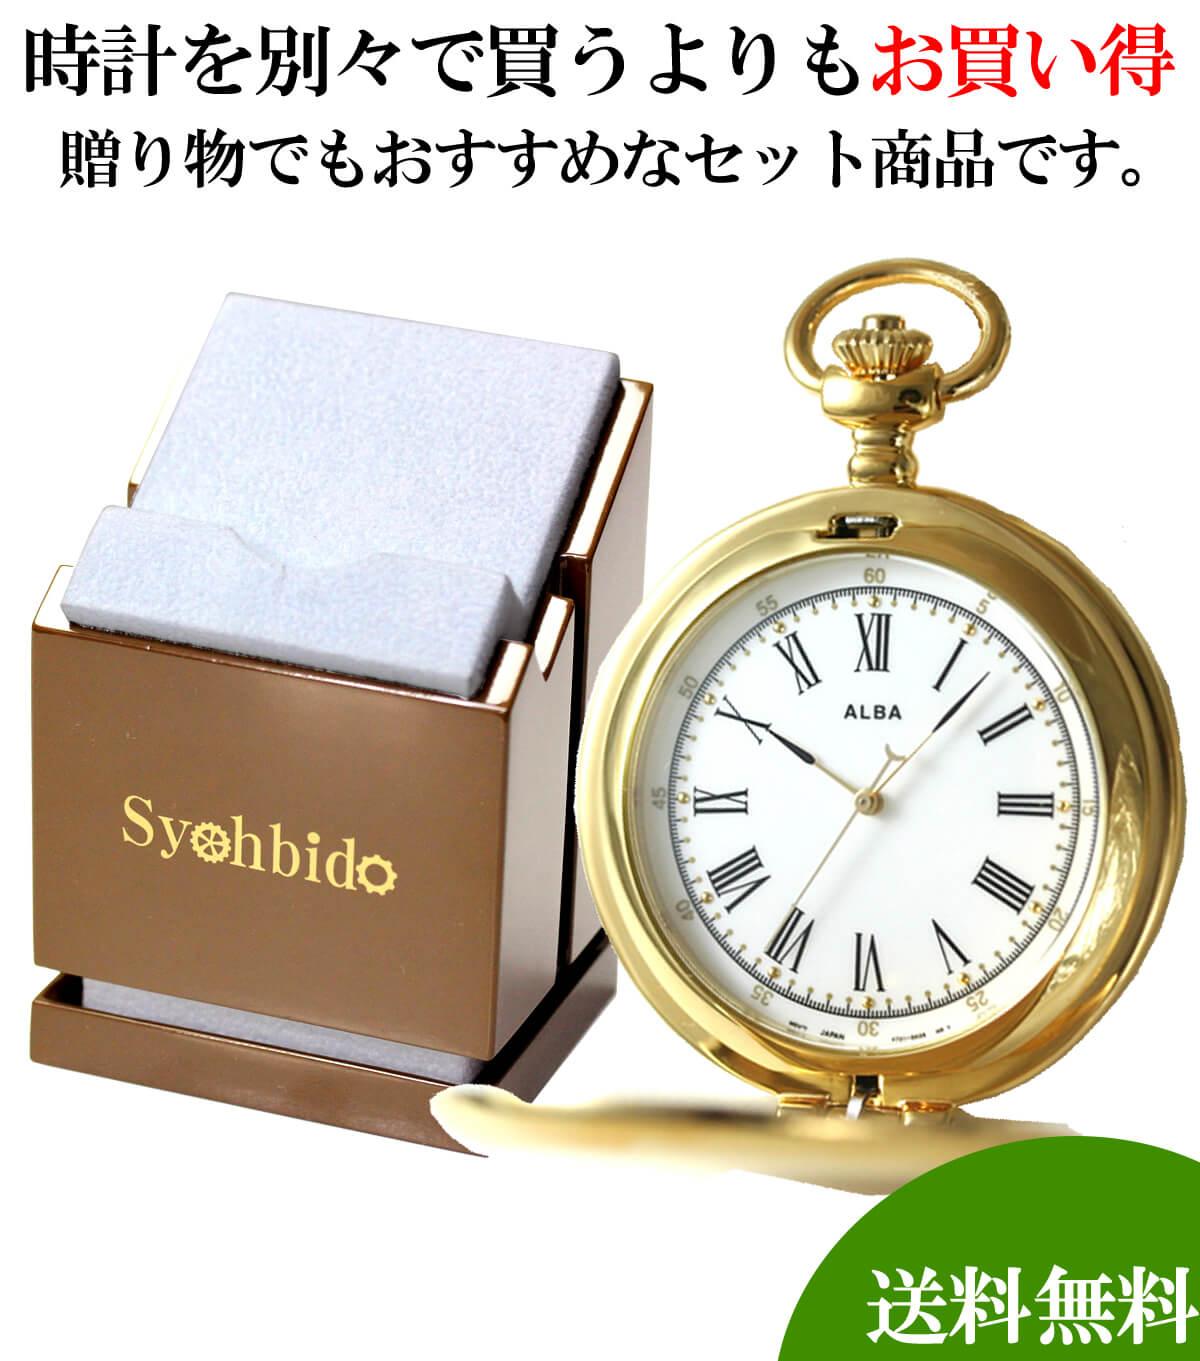 懐中時計と懐中時計専用スタンドのセット aabw148